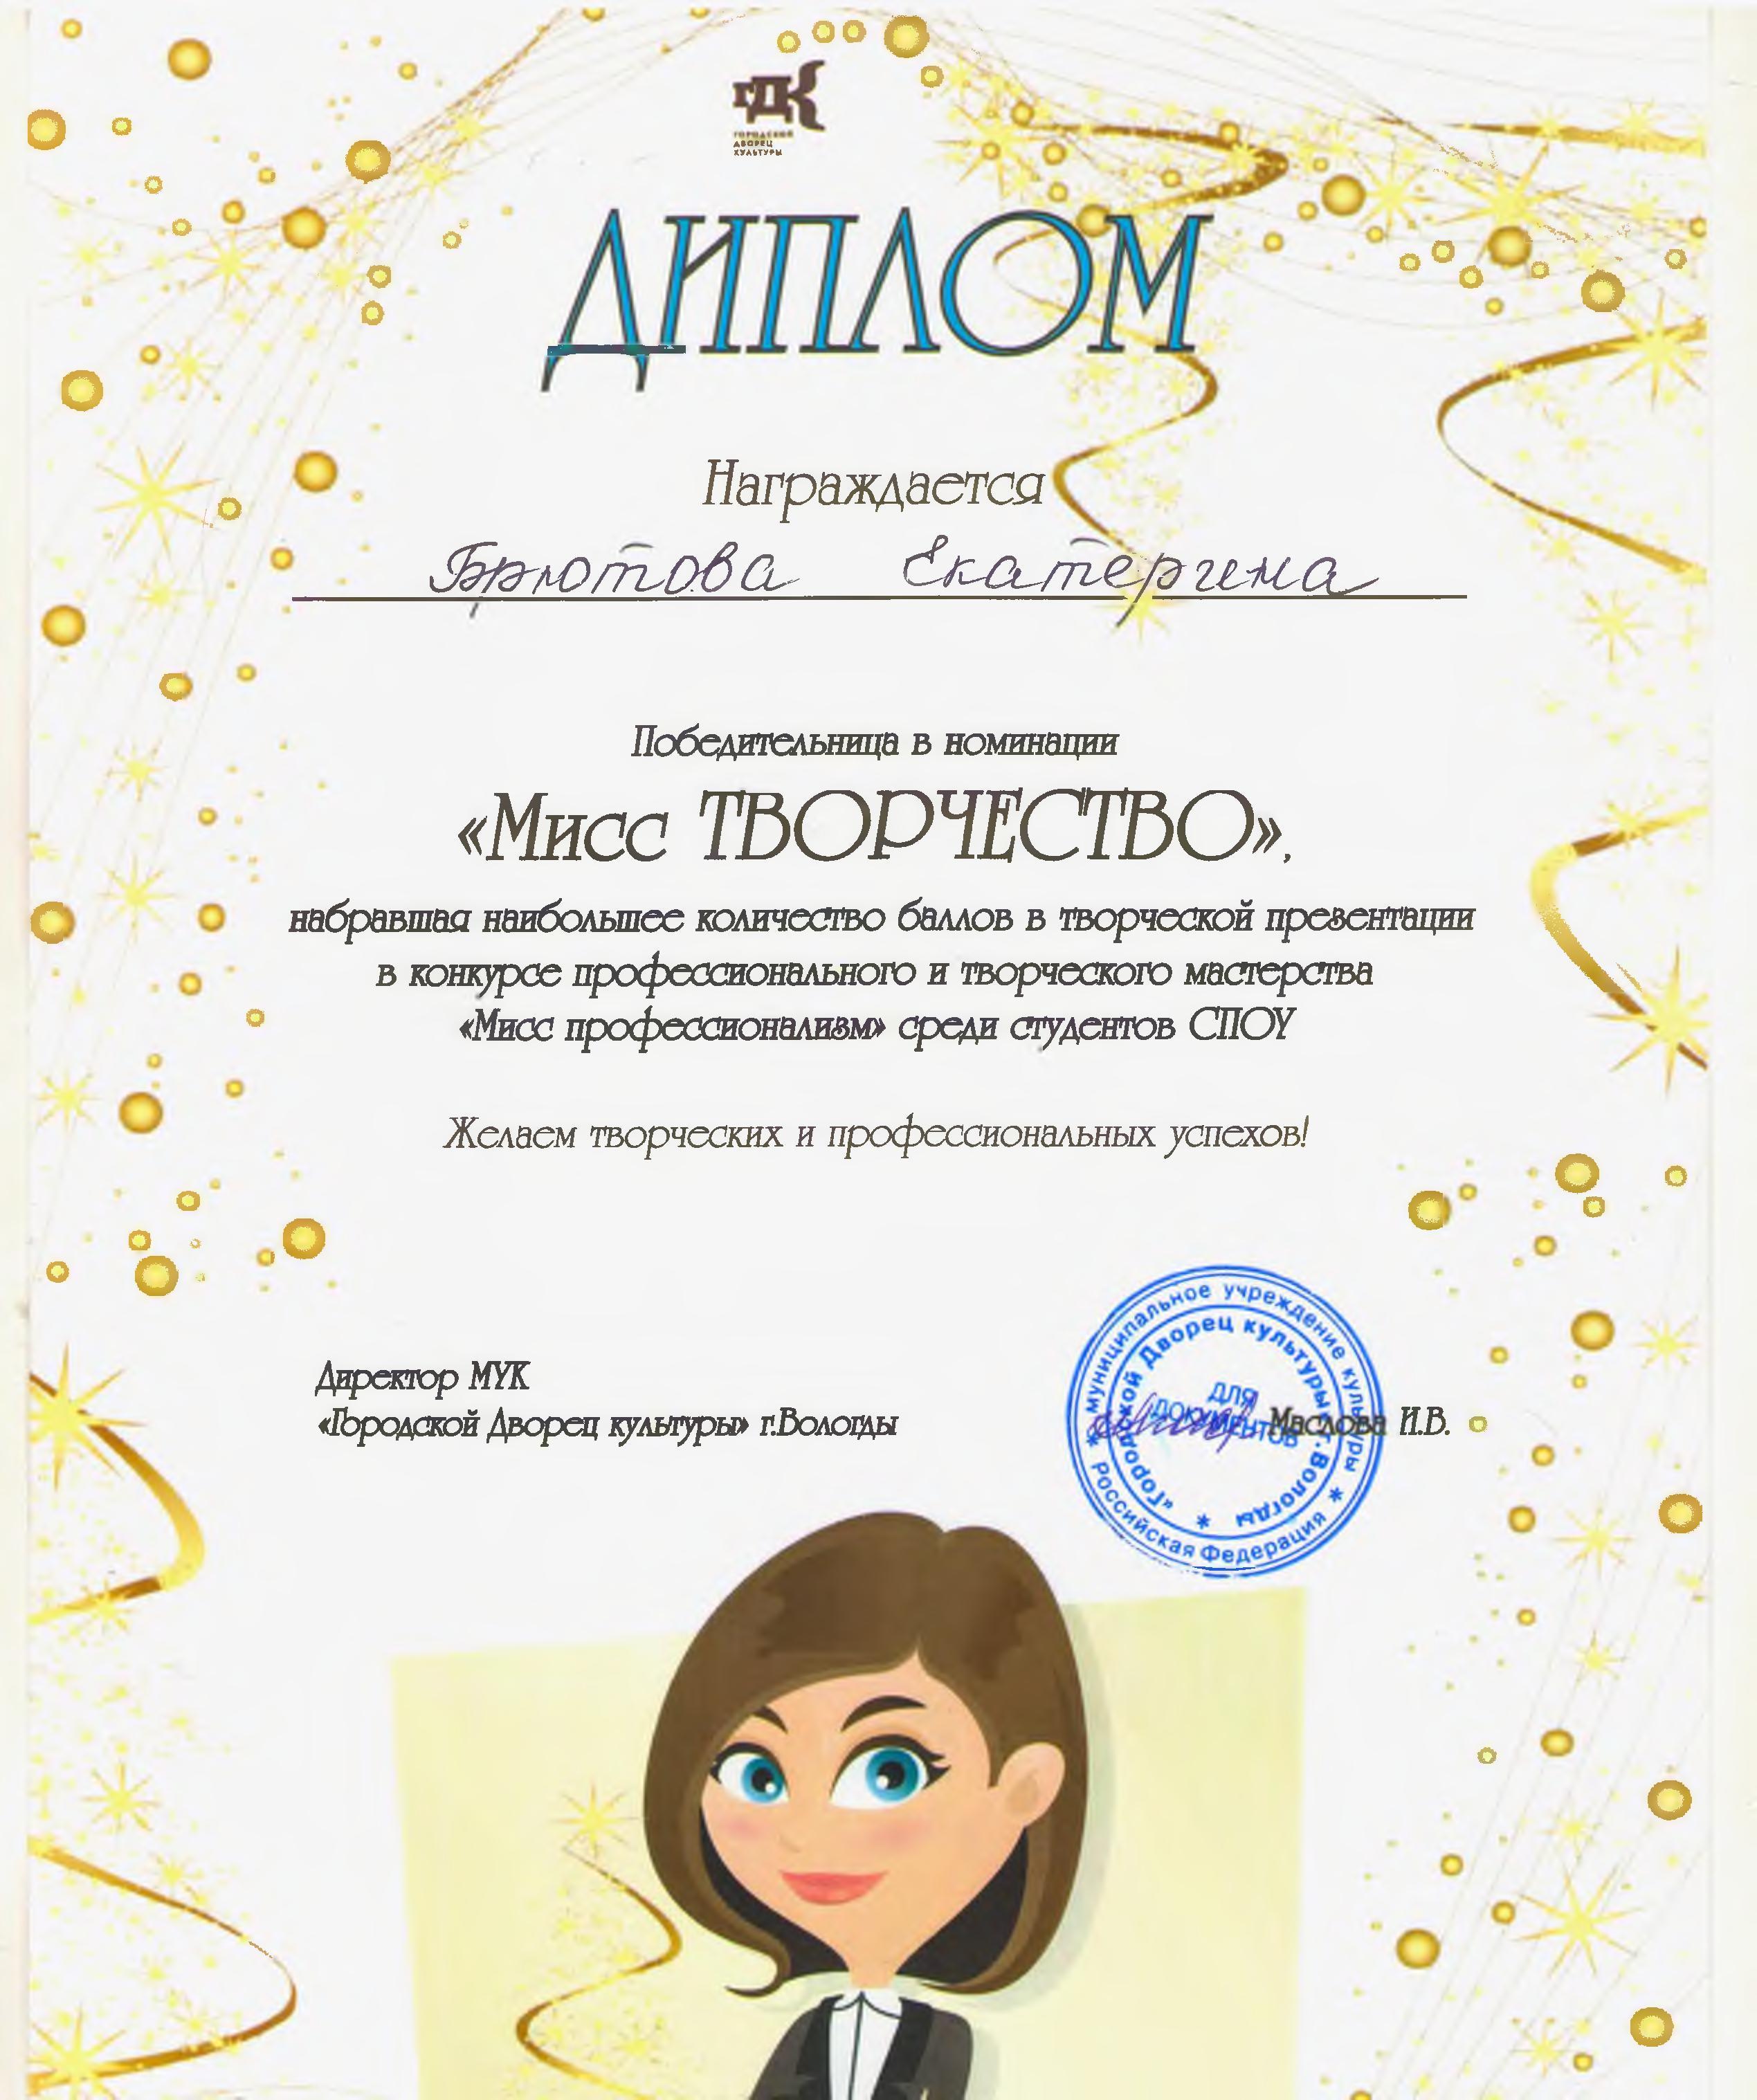 Критерии оценок творческого конкурса мисс